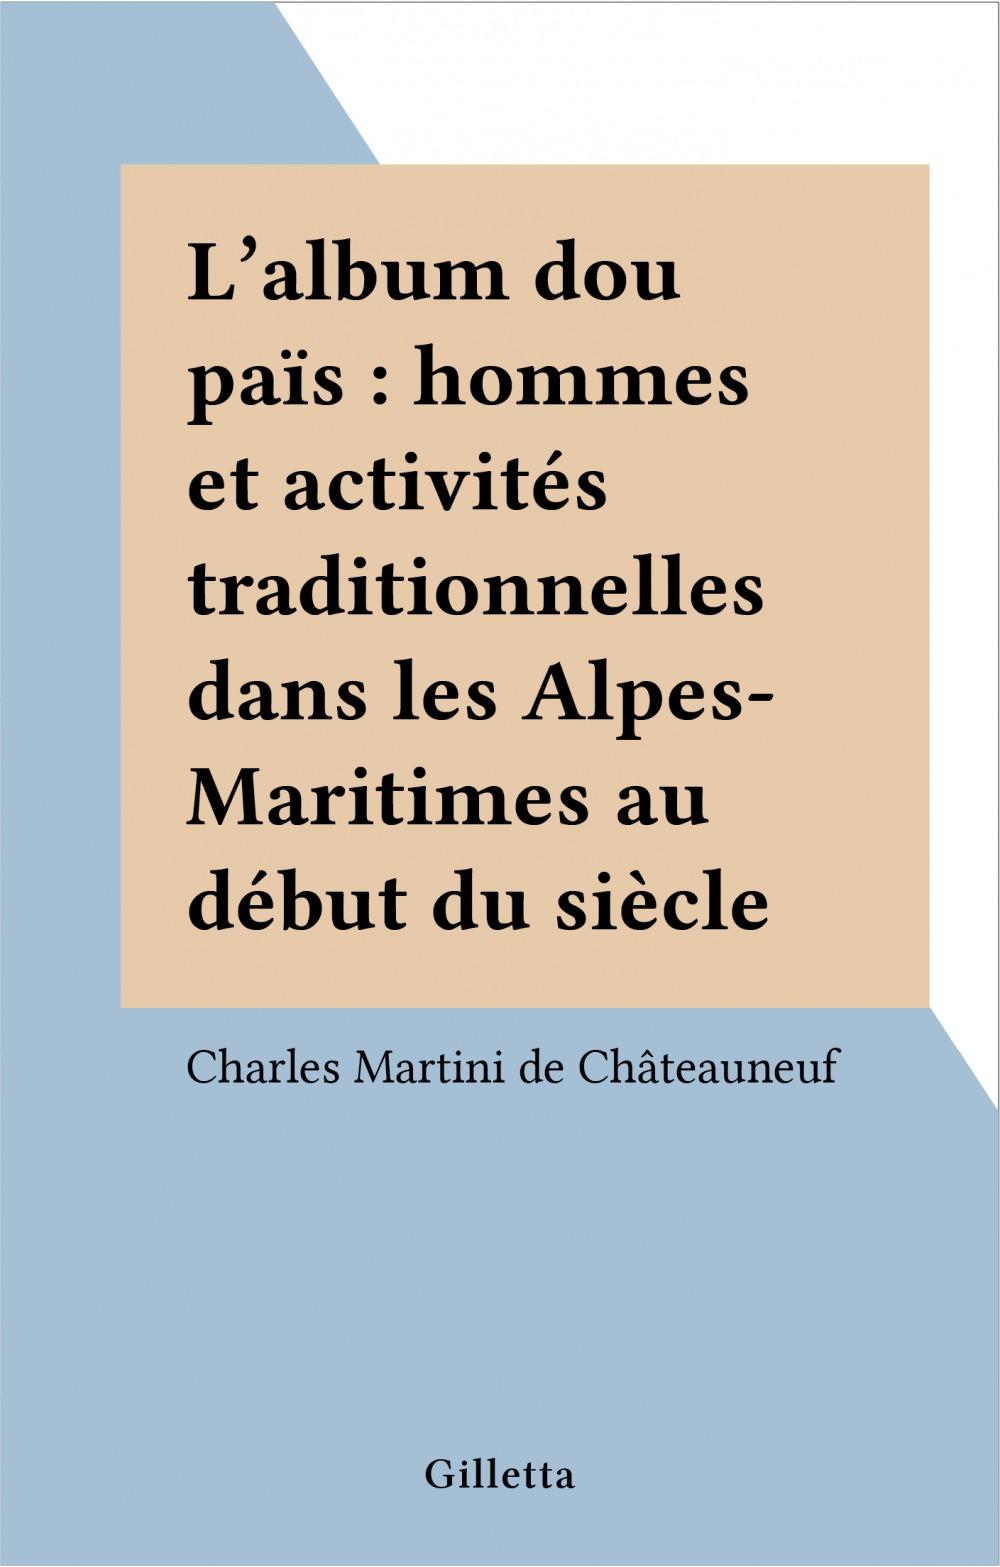 L'album dou païs : hommes et activités traditionnelles dans les Alpes-Maritimes au début du siècle  - Charles Martini de Châteauneuf